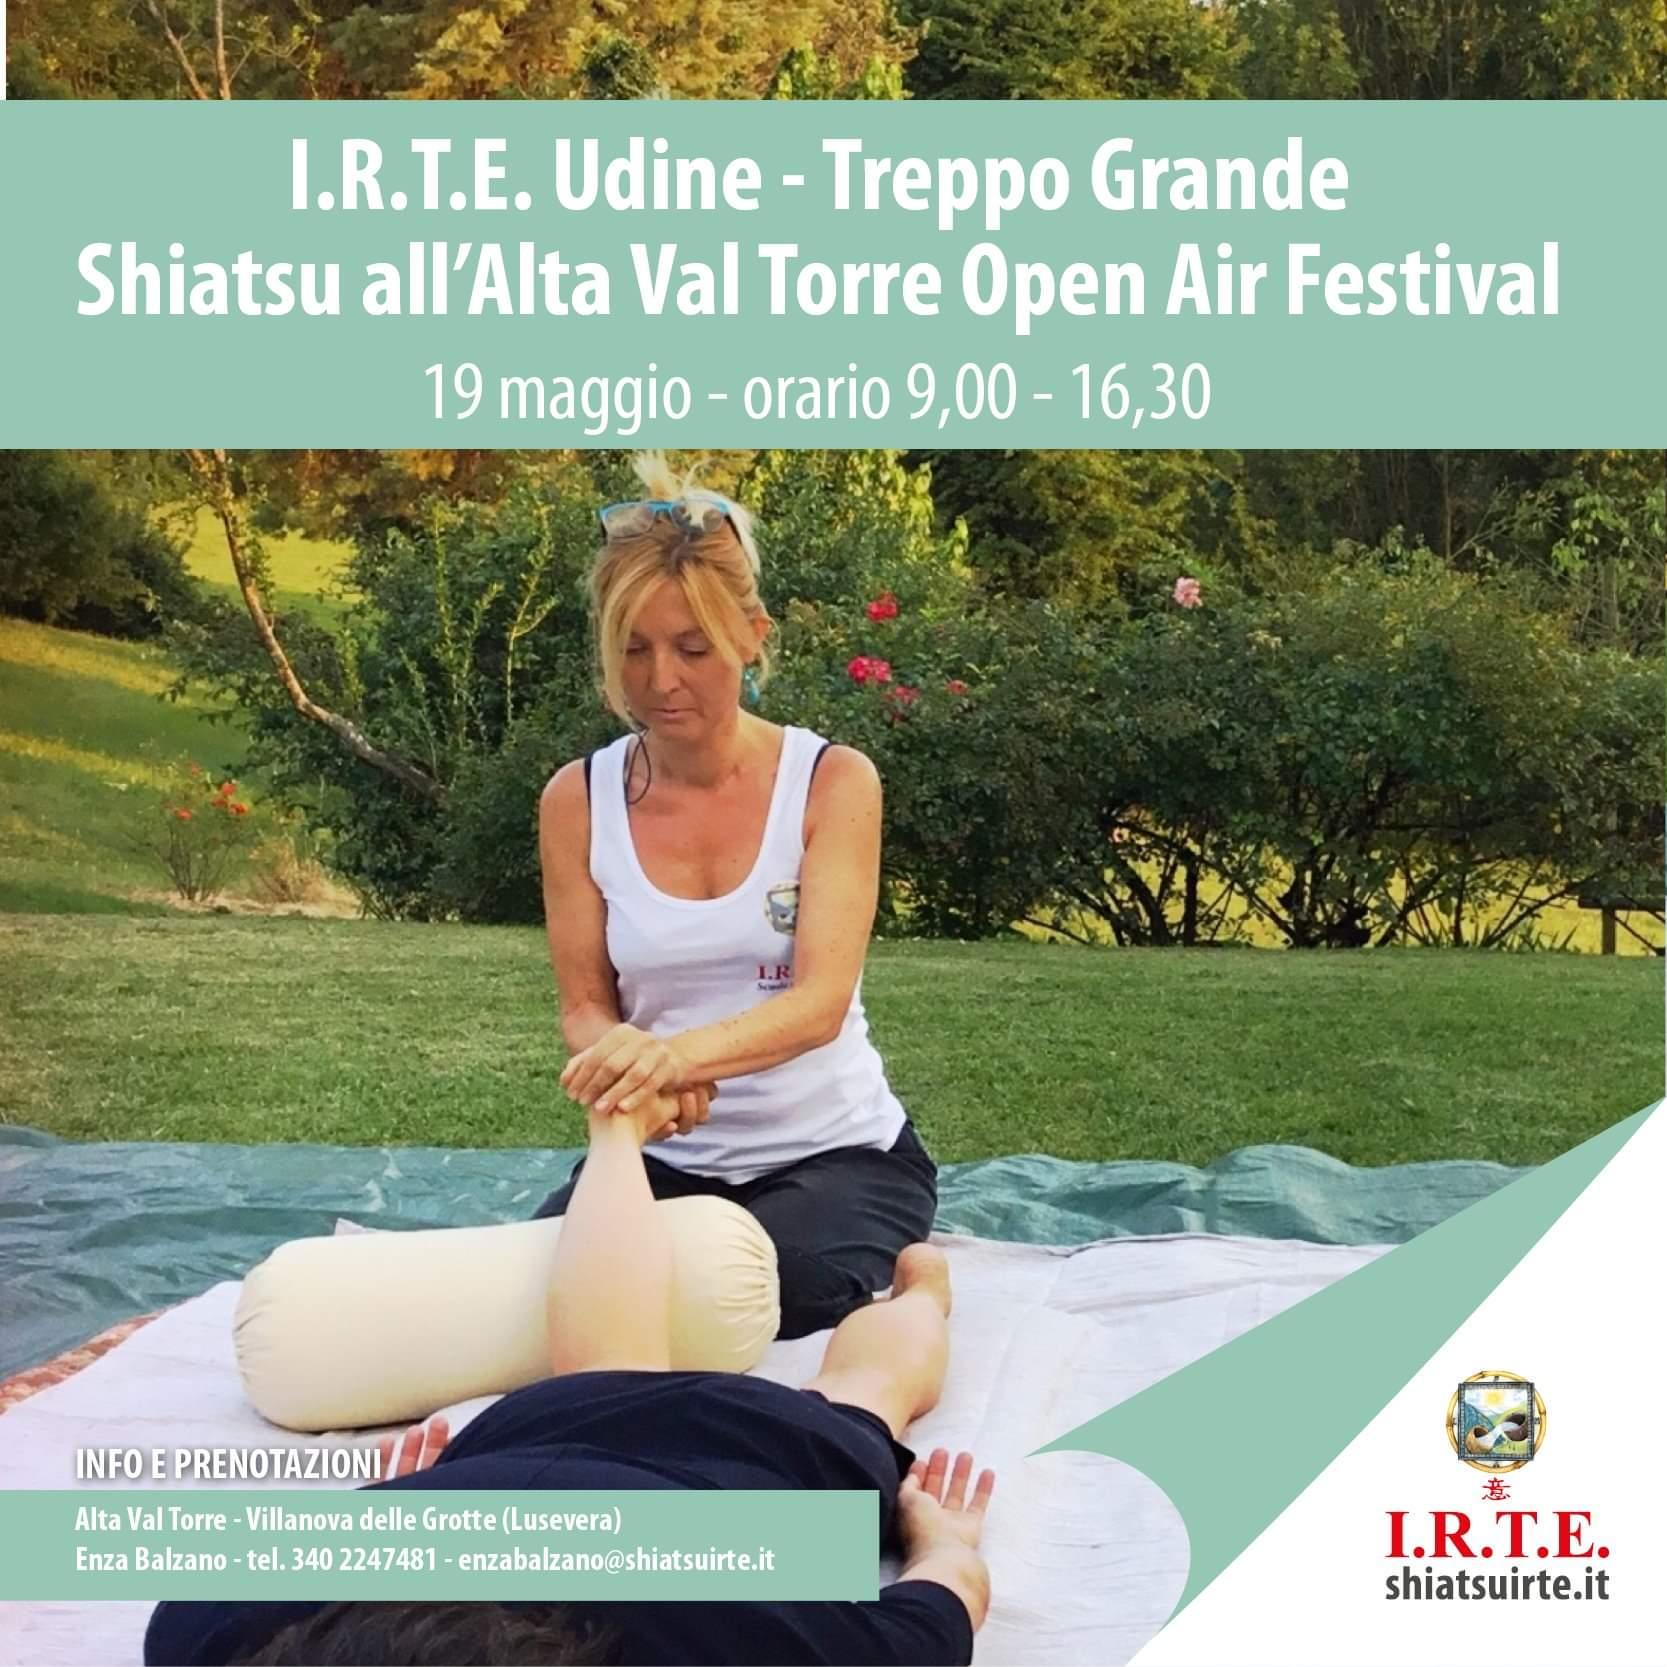 19 Maggio 2019  - Lo Shiatsu I.R.T.E. all'Alta Val Torre Open Air Festival